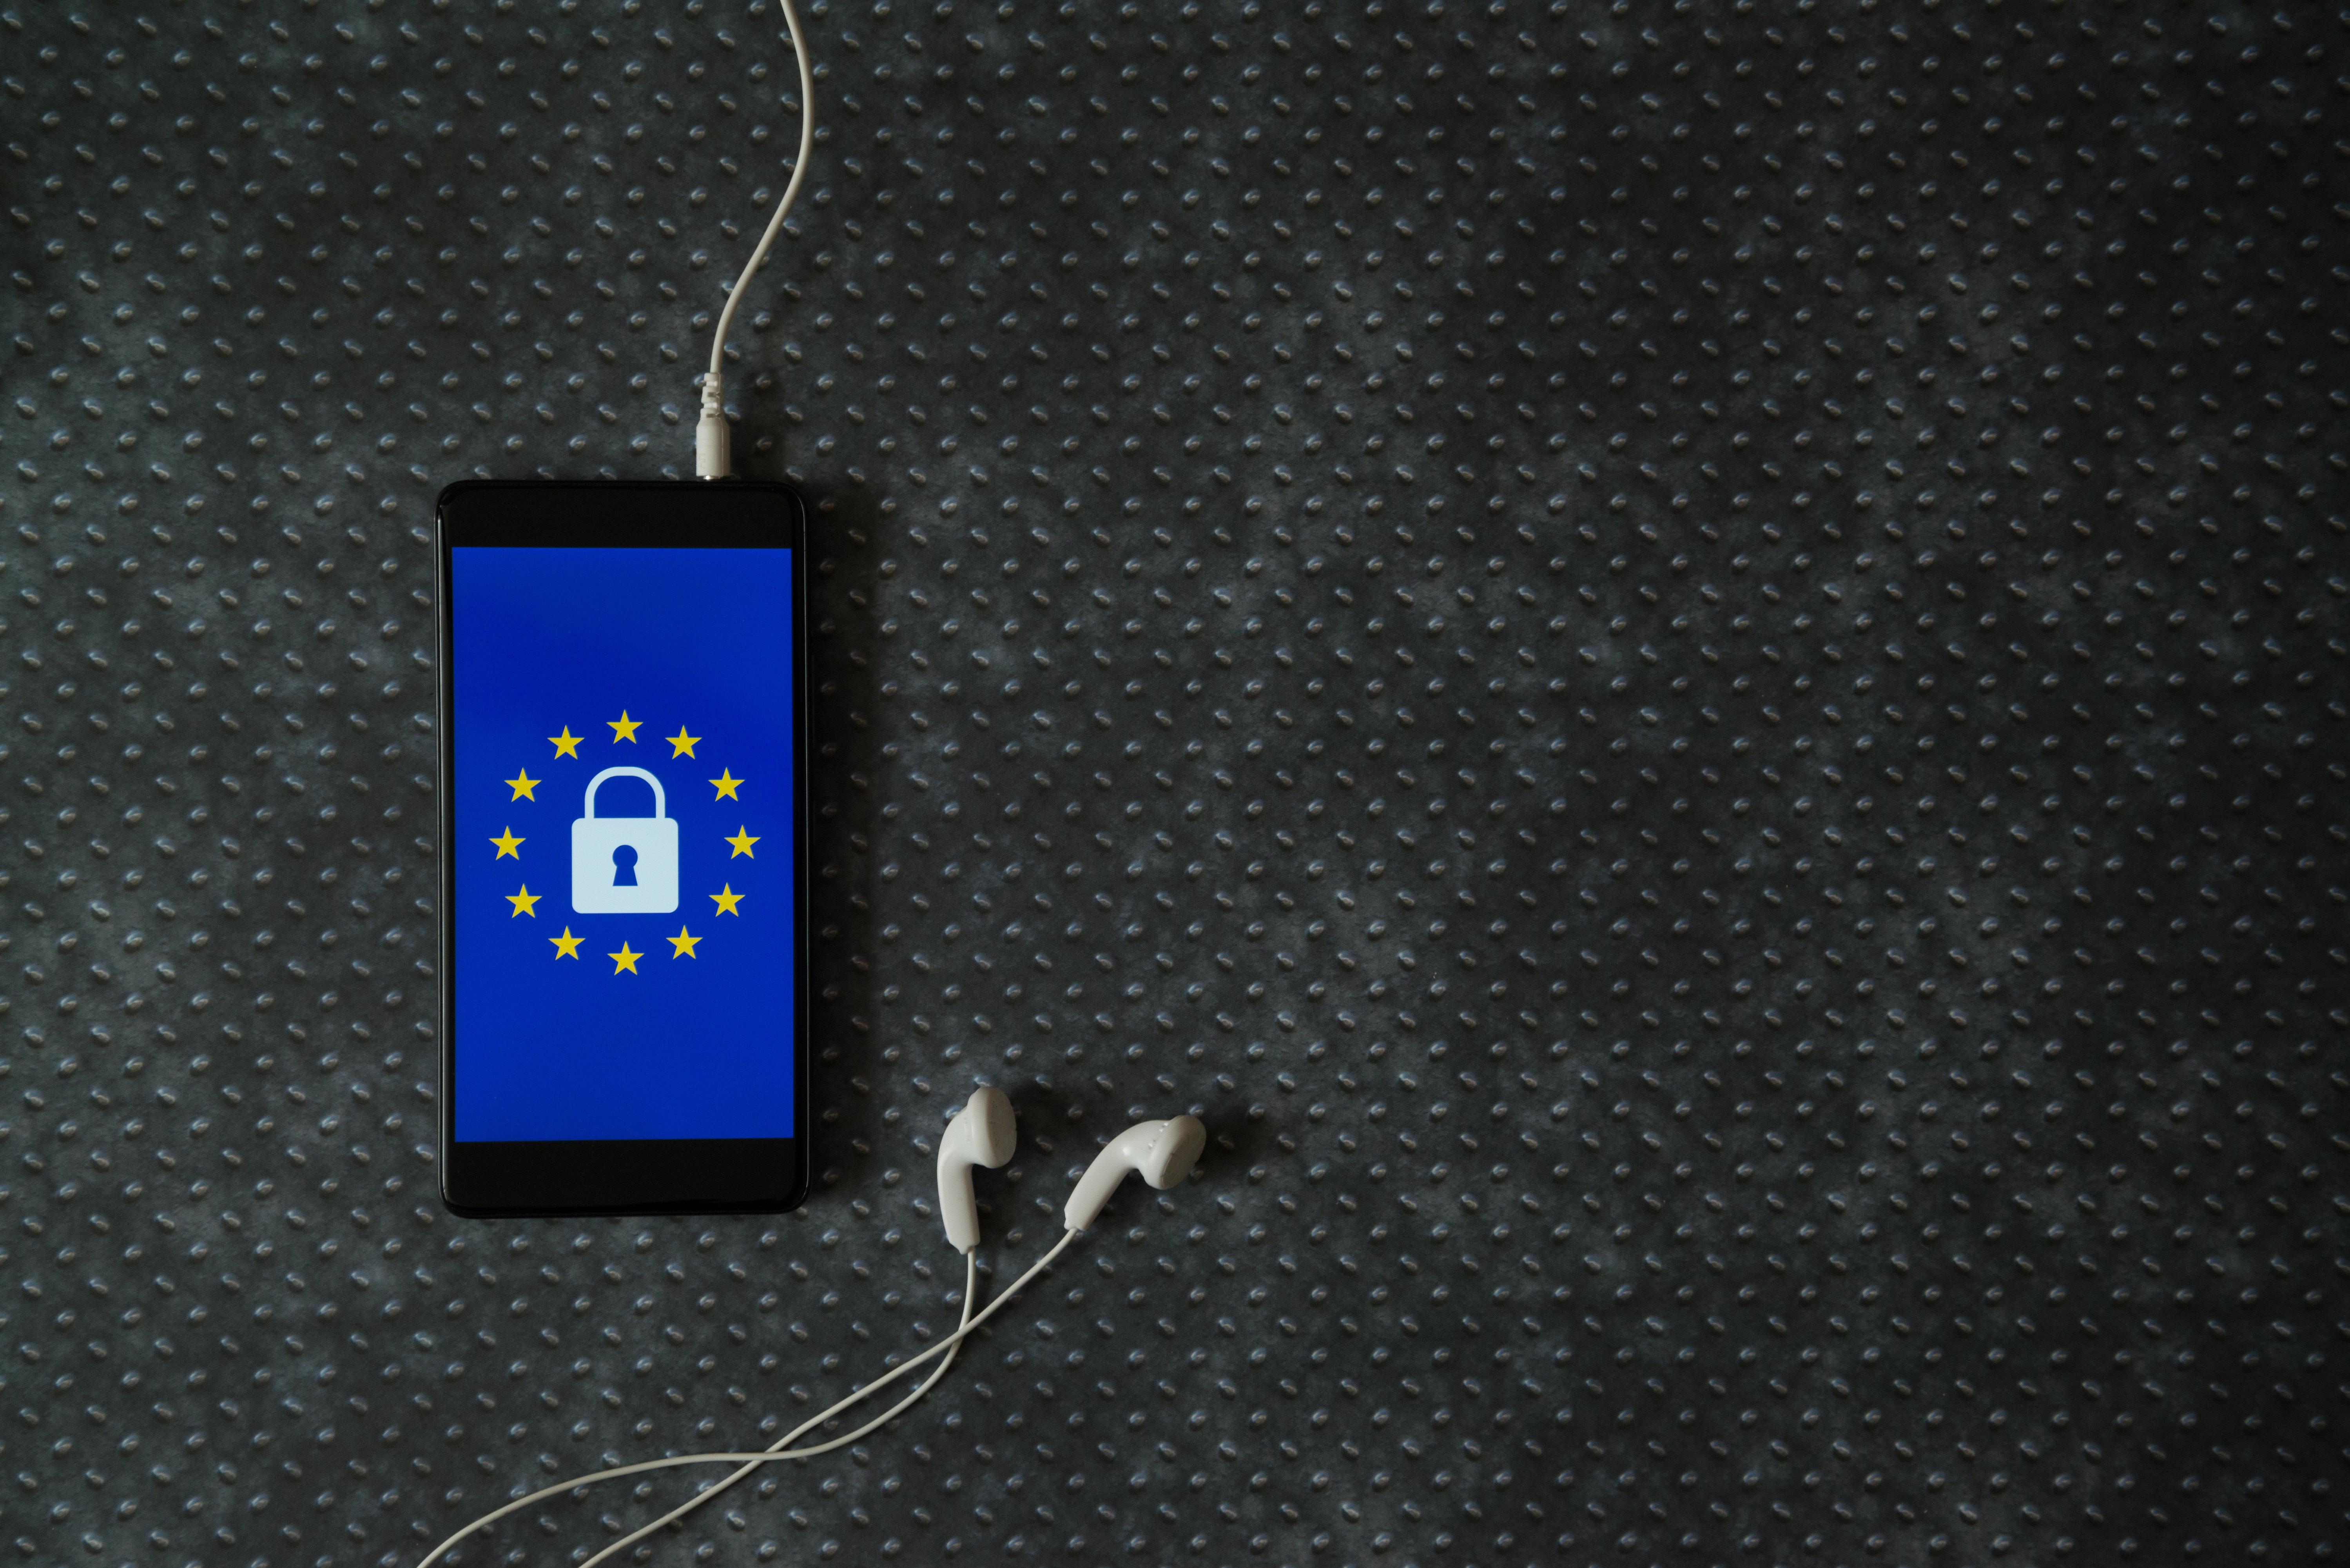 Σε εφαρμογή ο νέος κανονισμός για την προστασία των προσωπικών δεδομένων GDPR. Τι αλλάζει στο